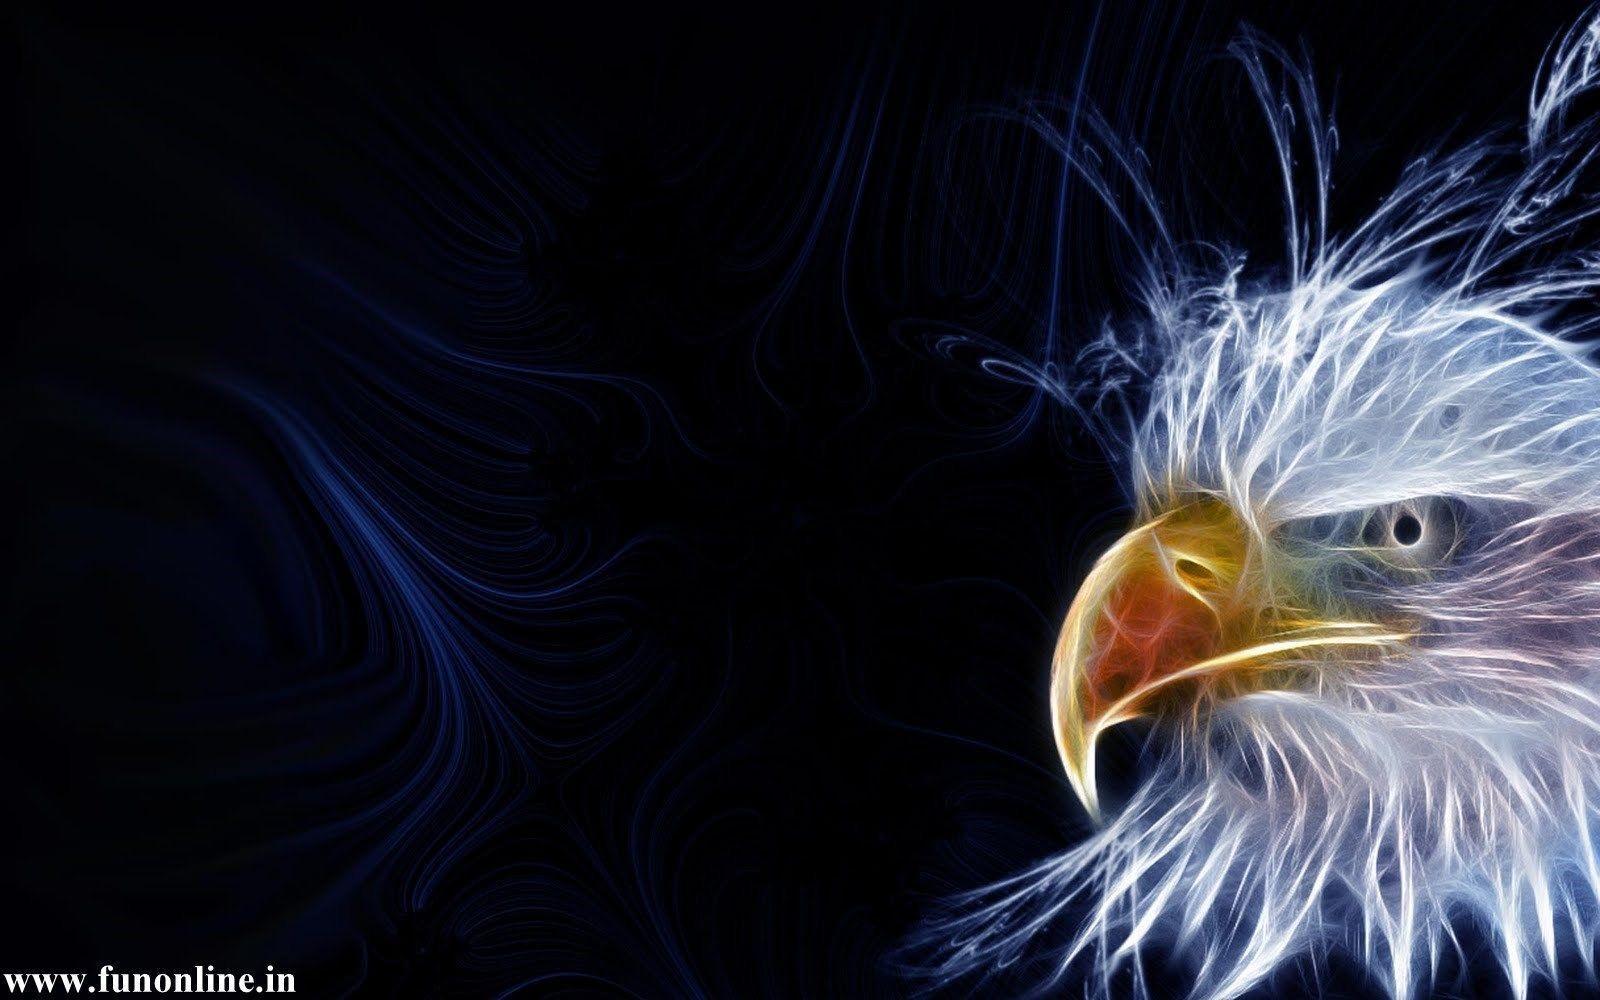 Eagles desktop wallpapers wallpaper cave - Harpy eagle hd wallpaper ...